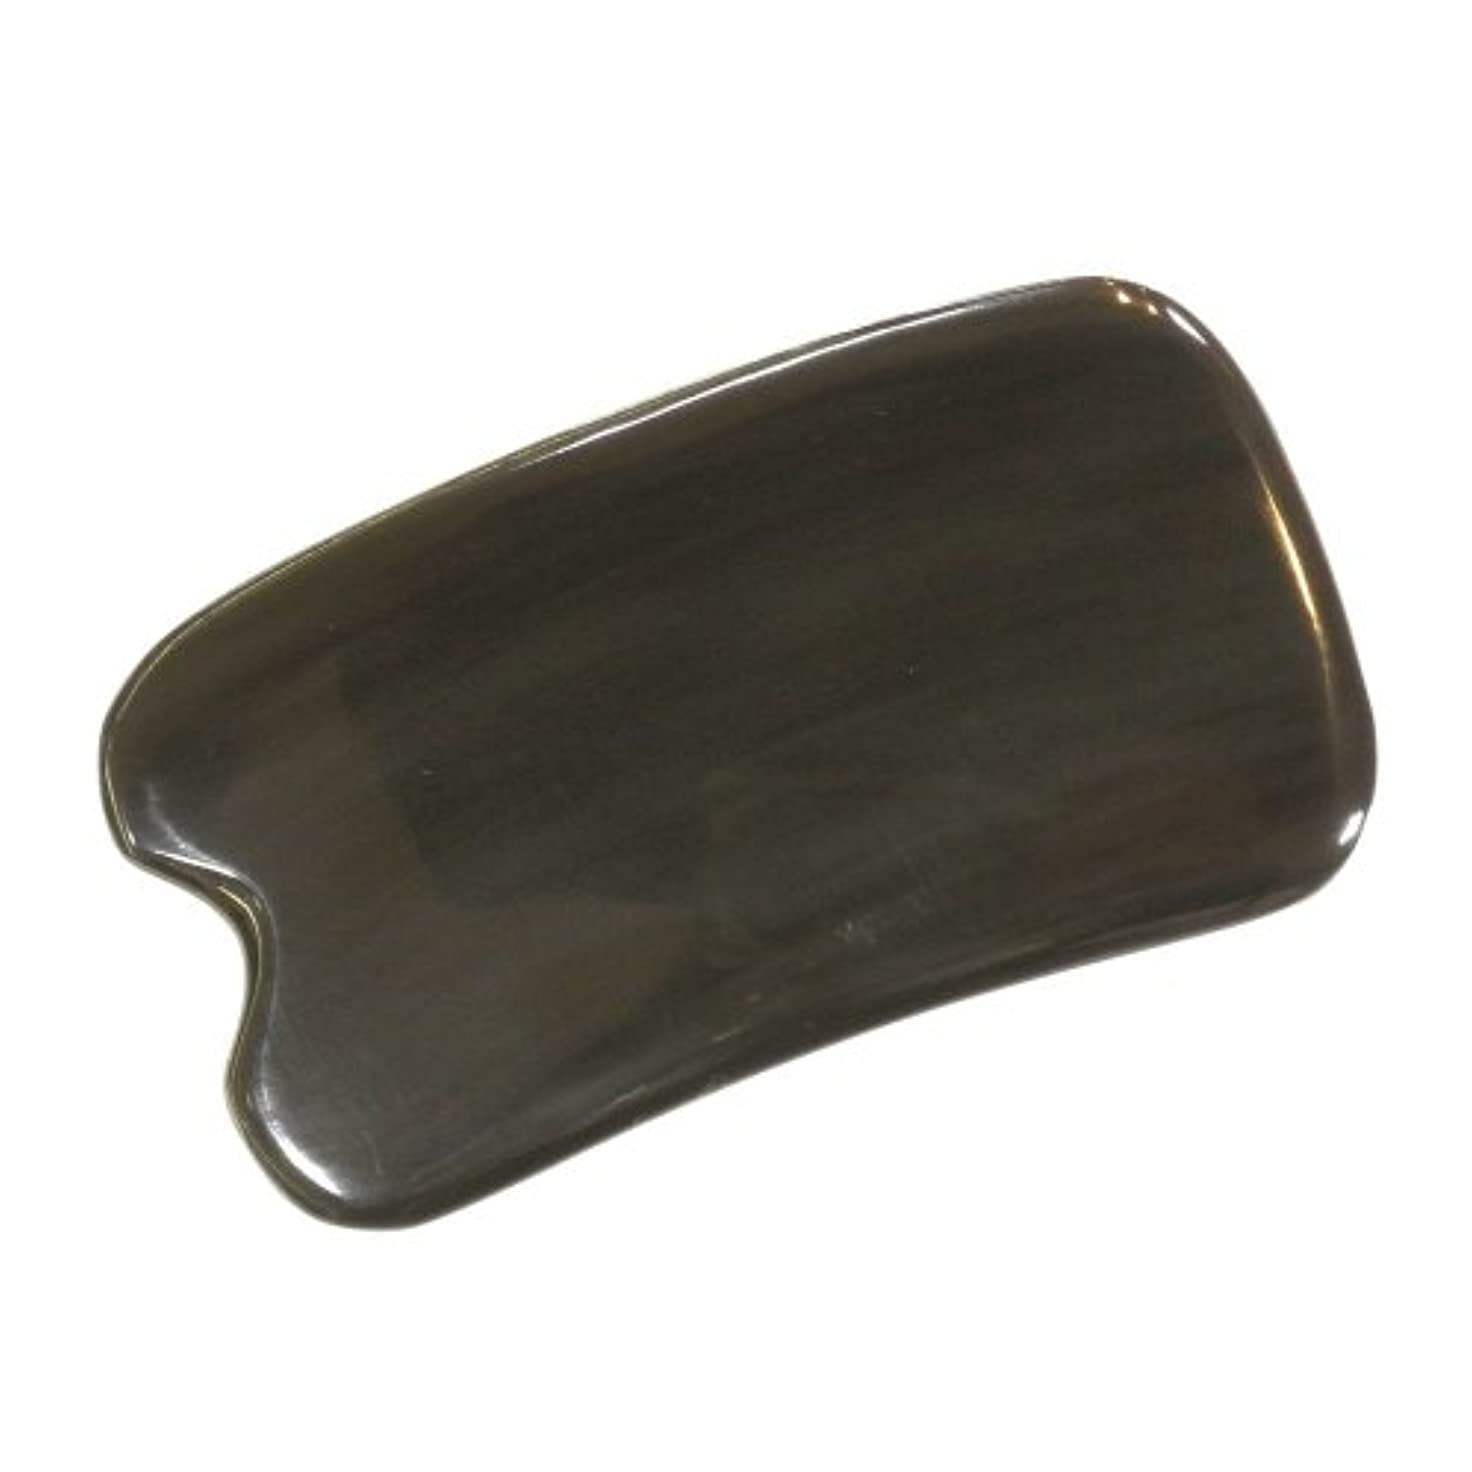 キャプションソロ。かっさ プレート 厚さが選べる ヤクの角(水牛の角) EHE273SP 黒四角凹 特級品 少し厚め(6ミリ程度) 大きめ穴無